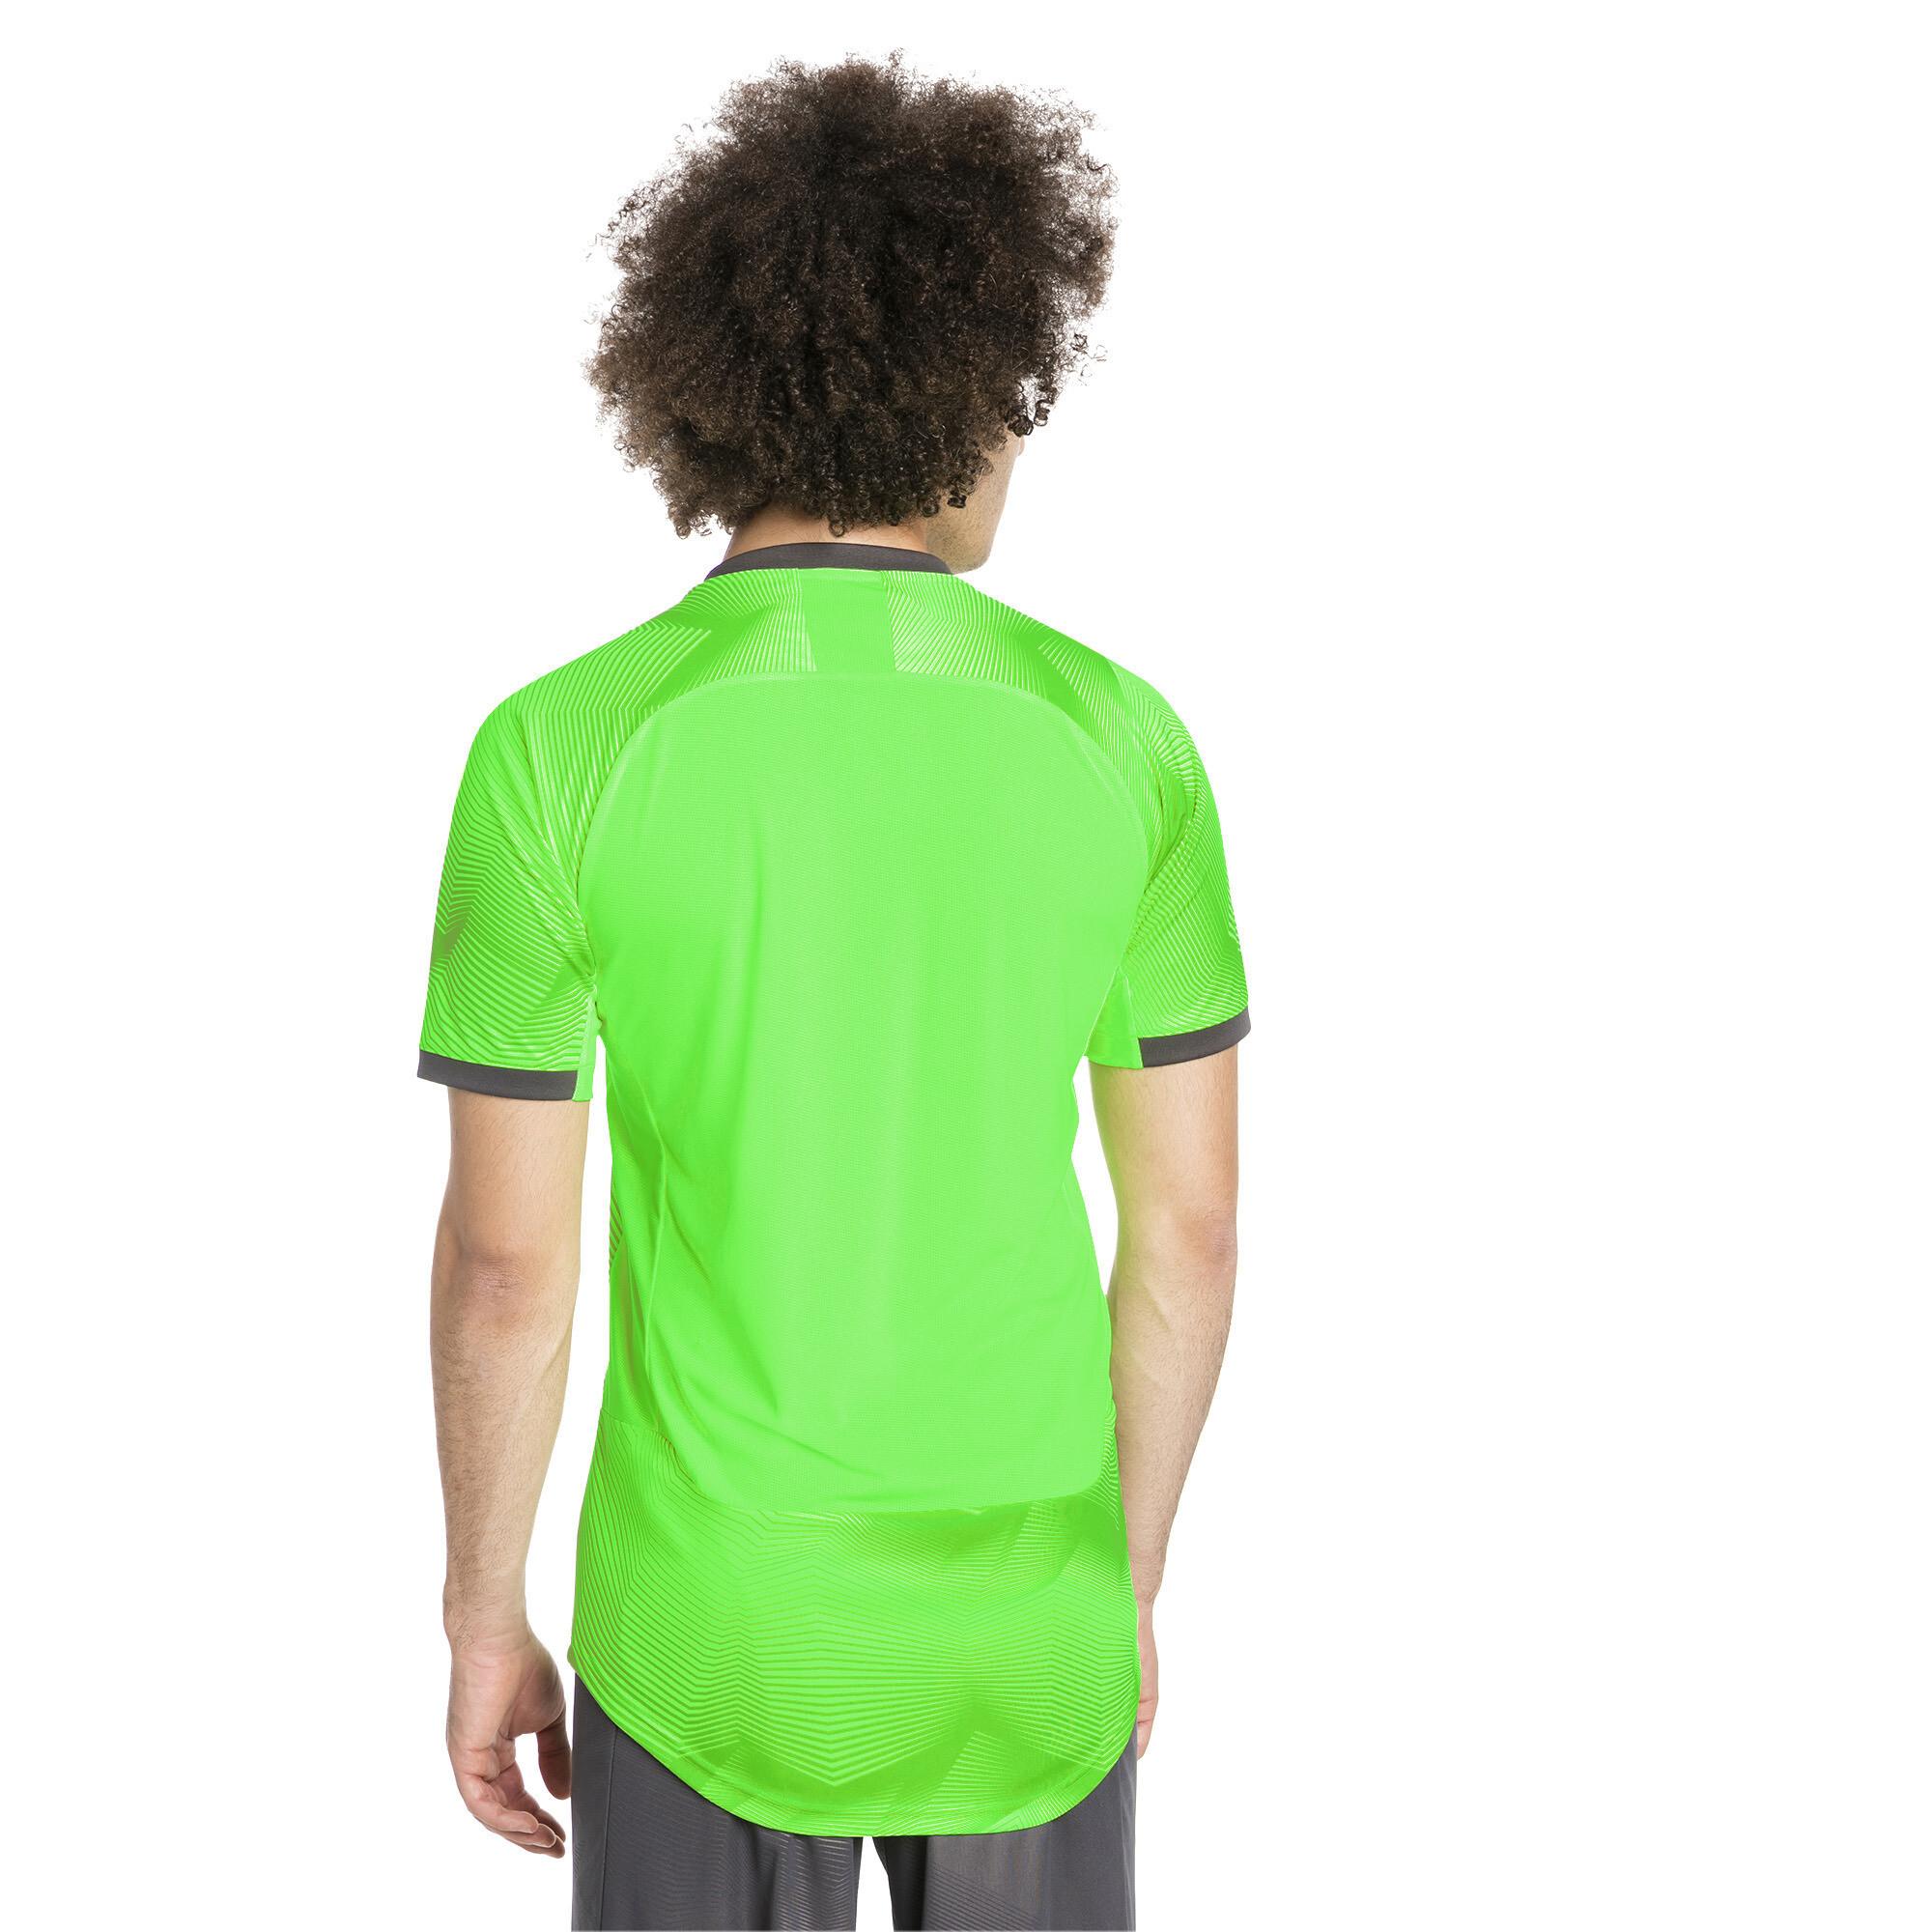 Image Puma ftblNXT Graphic Men's Shirt #2